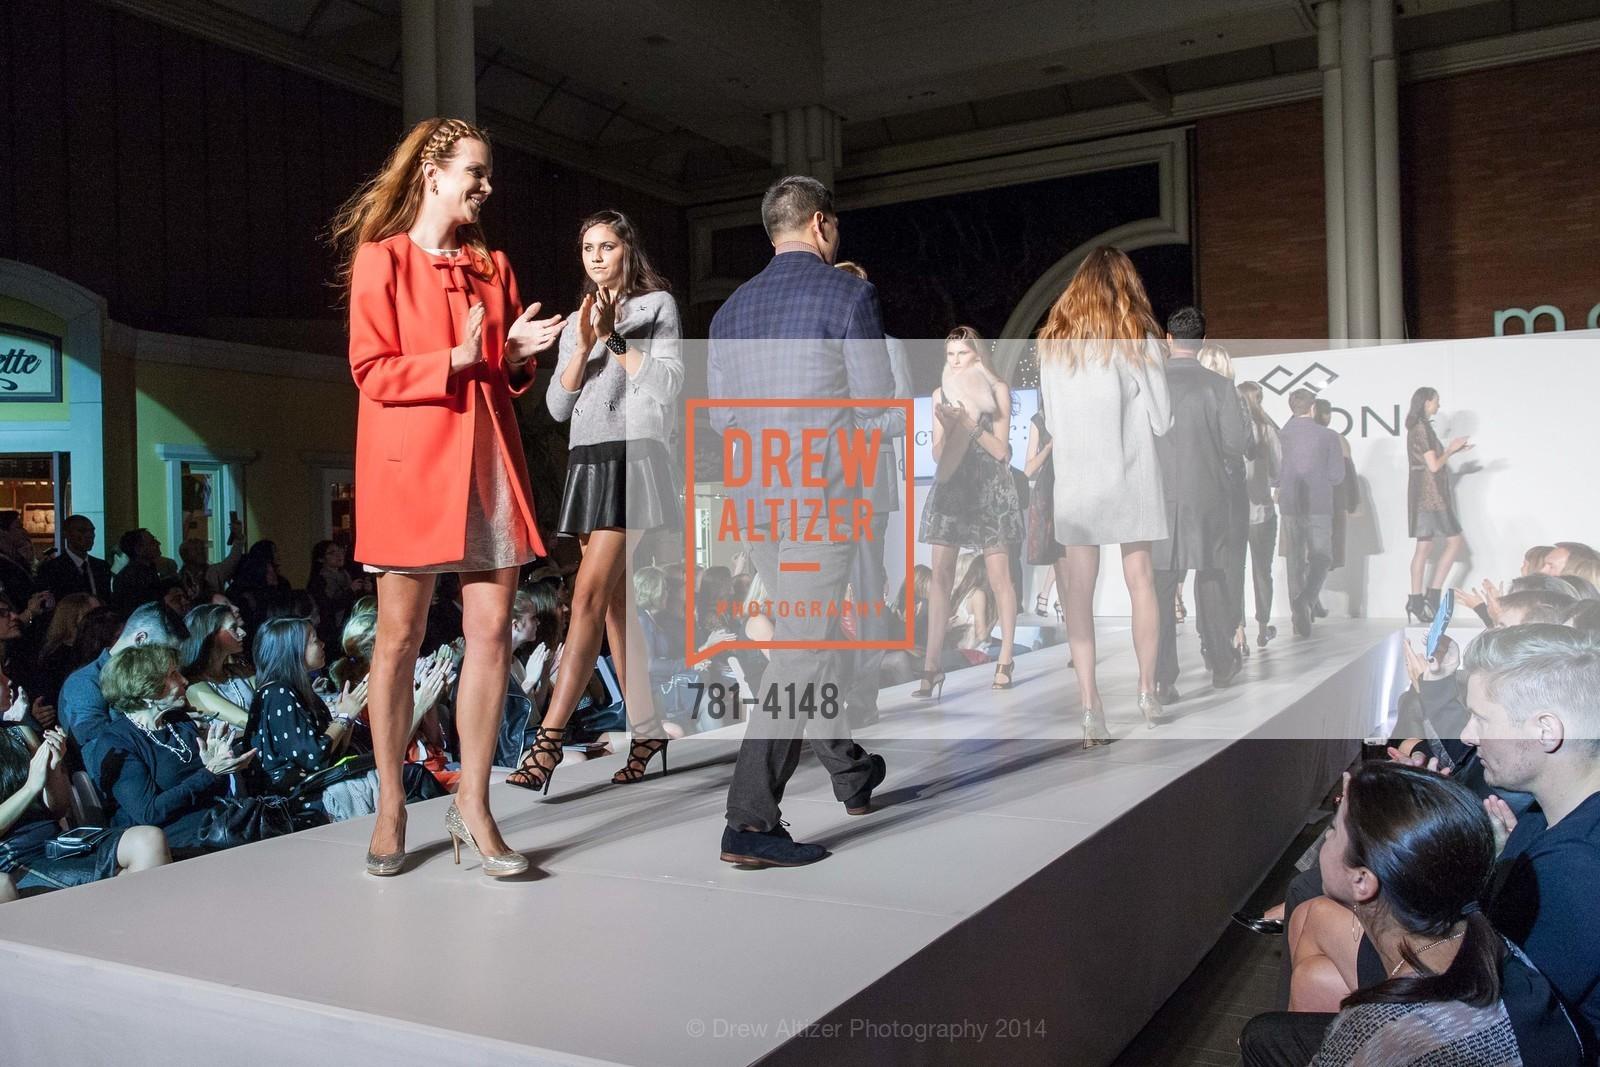 Fashion Show, Photo #781-4148